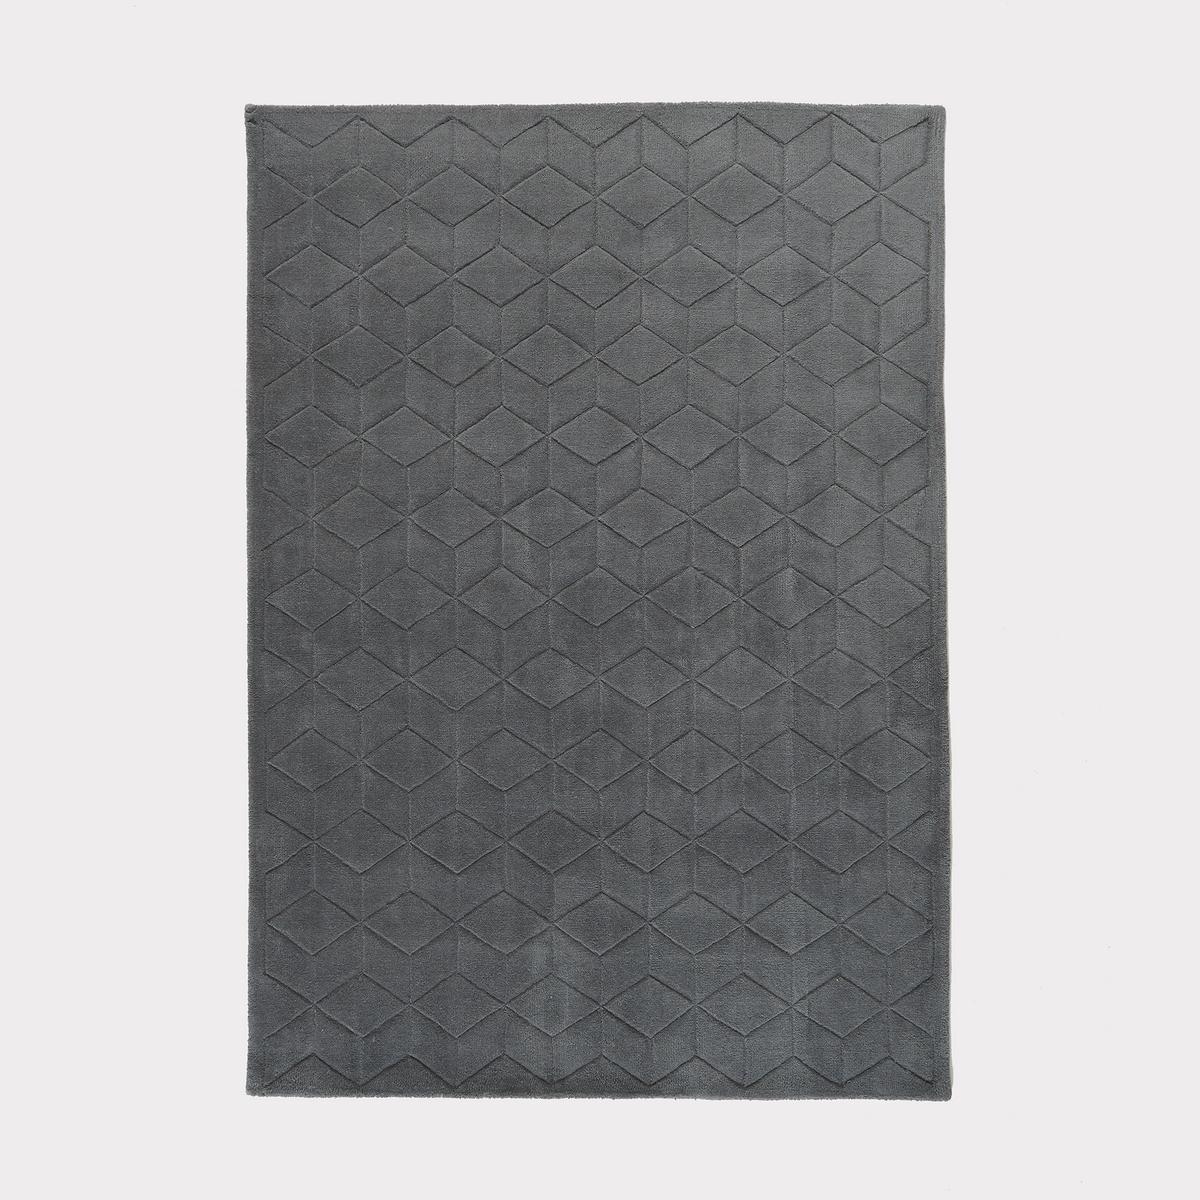 Ковер La Redoute С эффектом D Falke шерсть 120 x 170 см серый ковер la redoute горизонтального плетения с рисунком цементная плитка iswik 120 x 170 см бежевый